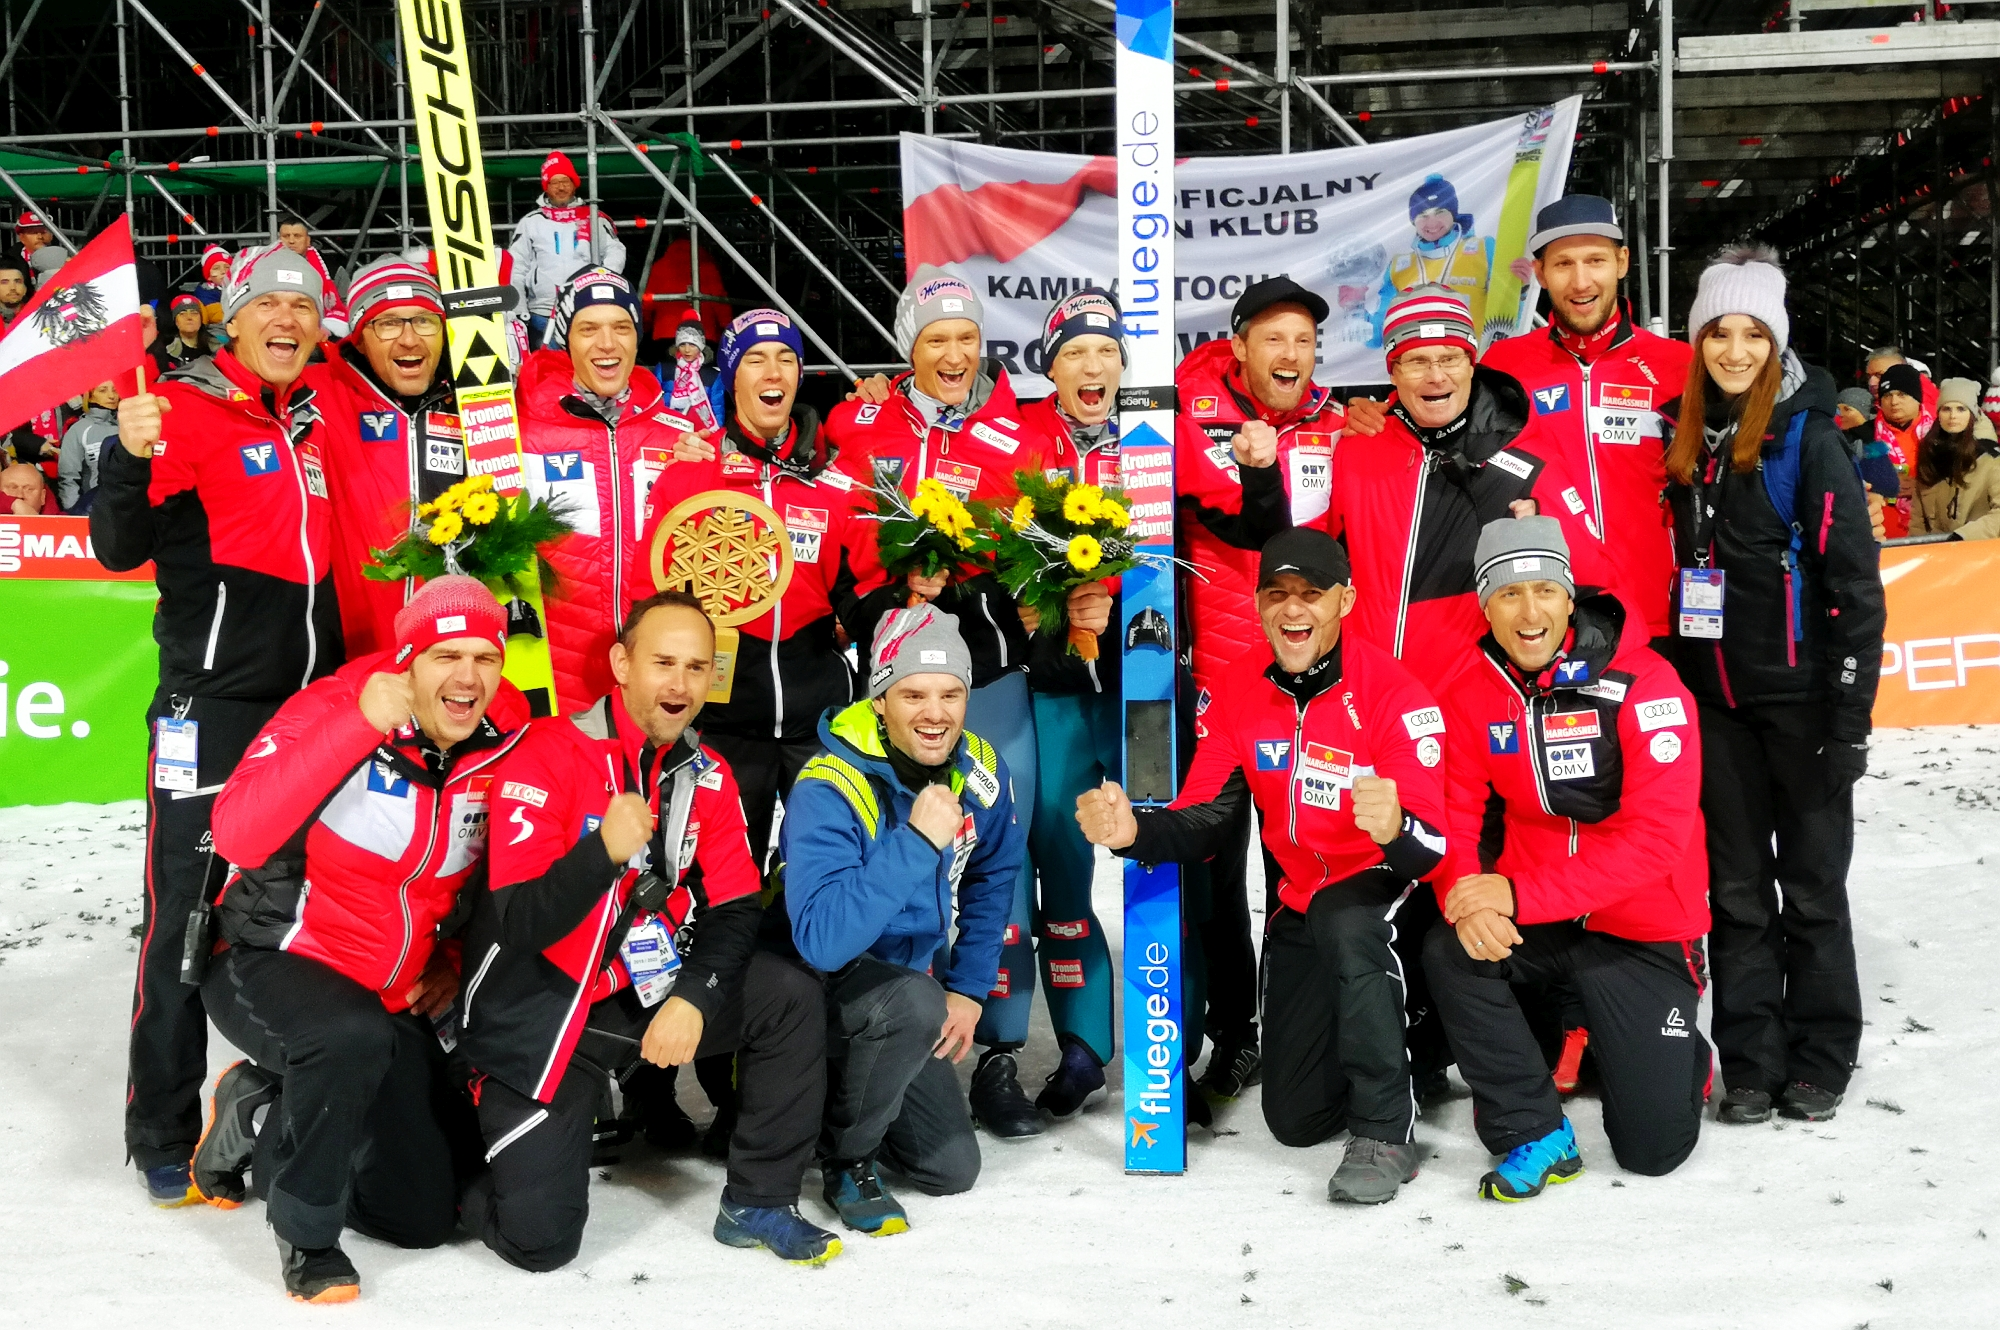 PŚ Wisła: Austriacy wygrywają inaugurację sezonu, Polacy utrzymali podium [WYNIKI]